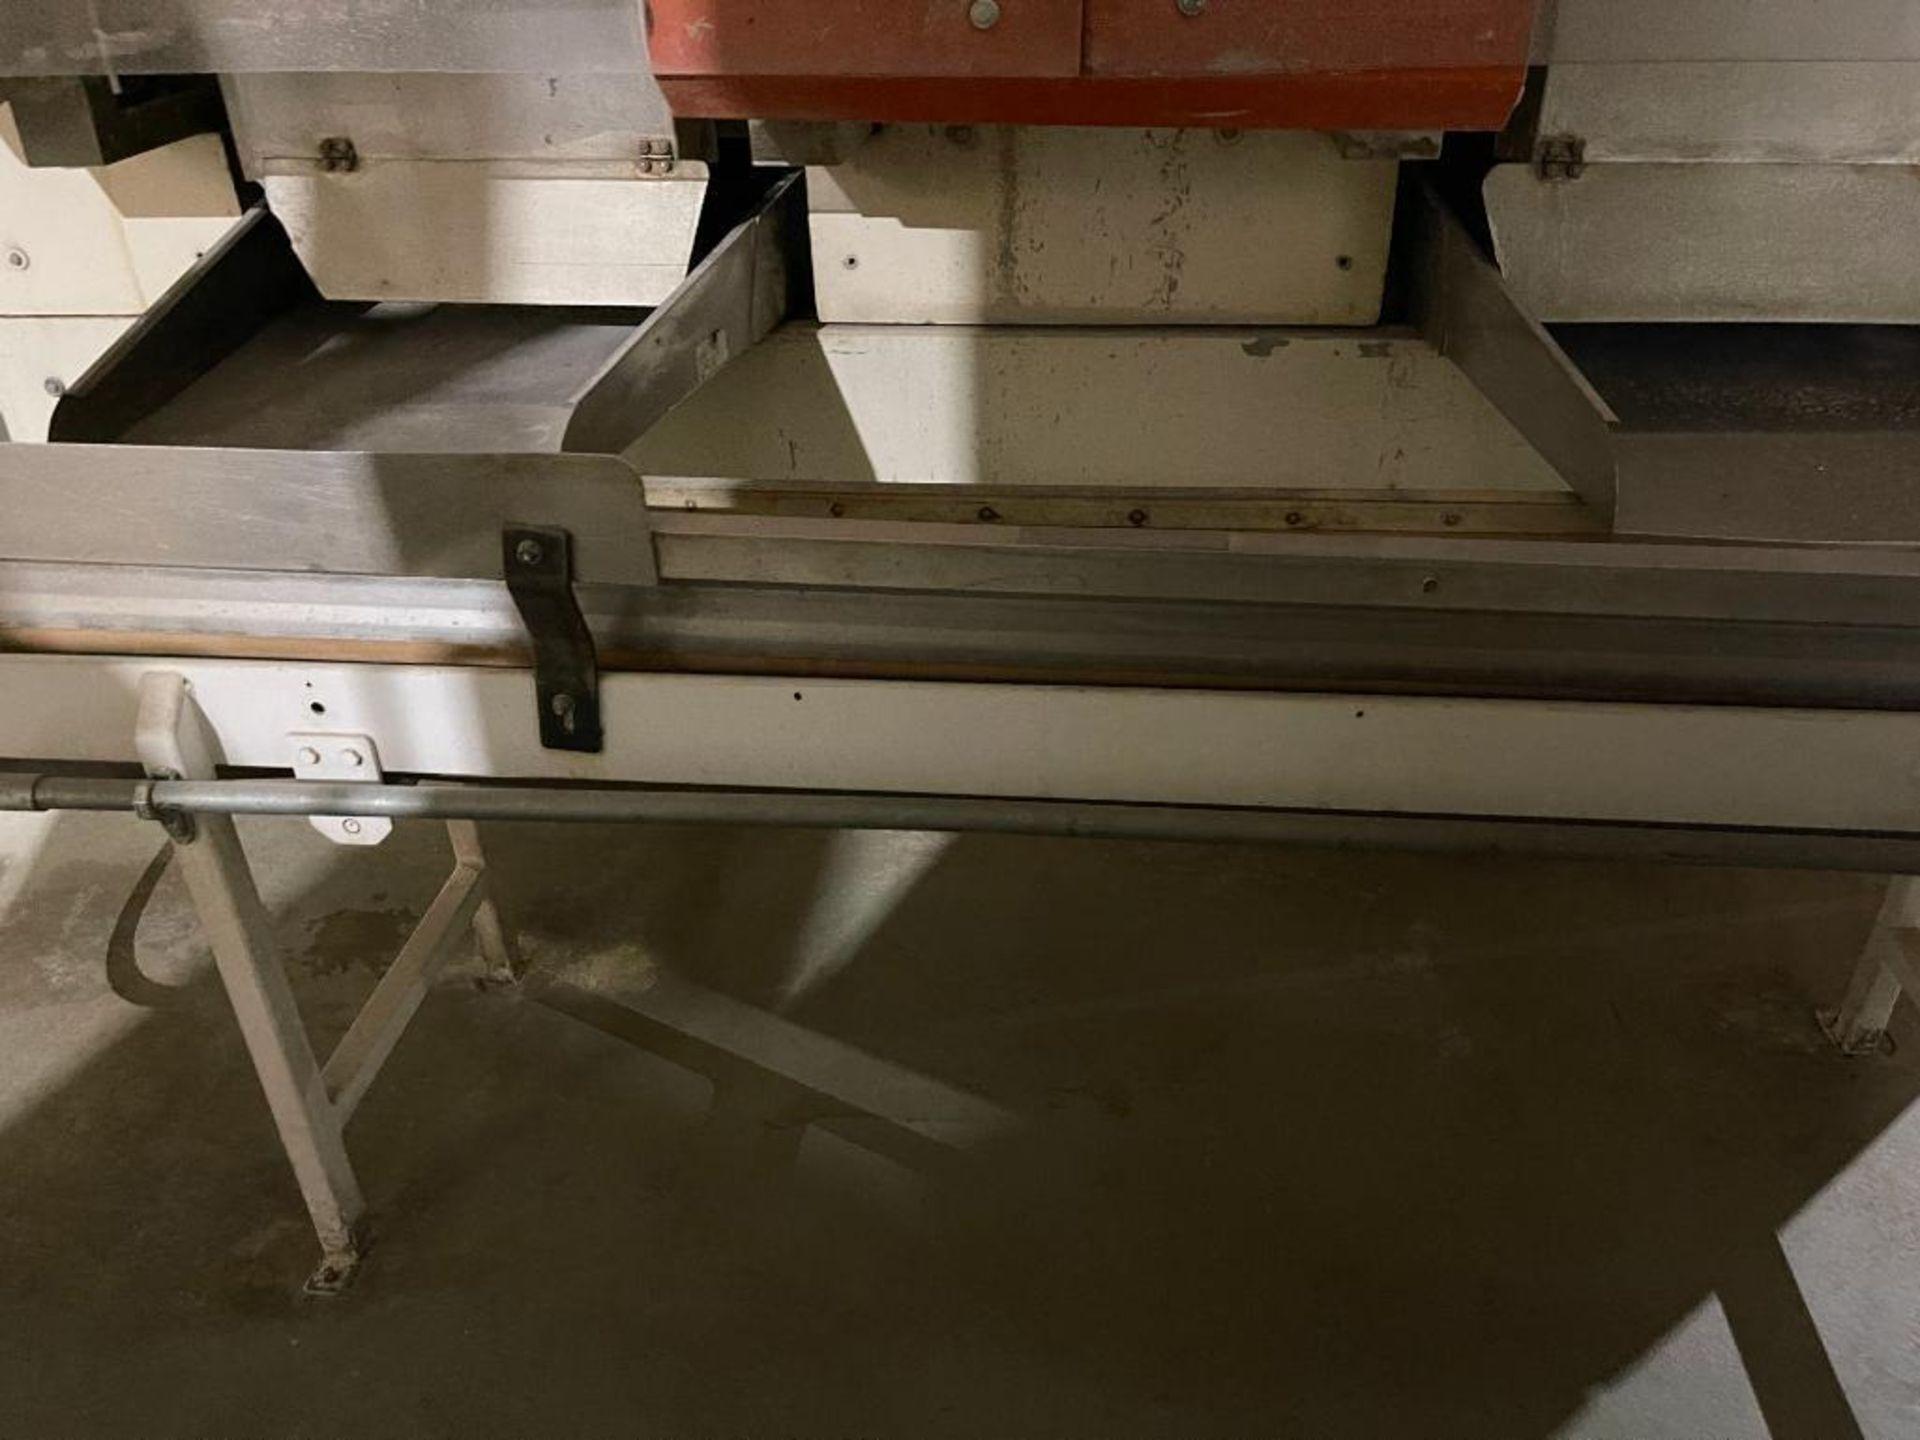 mild steel belt conveyor - Image 2 of 16